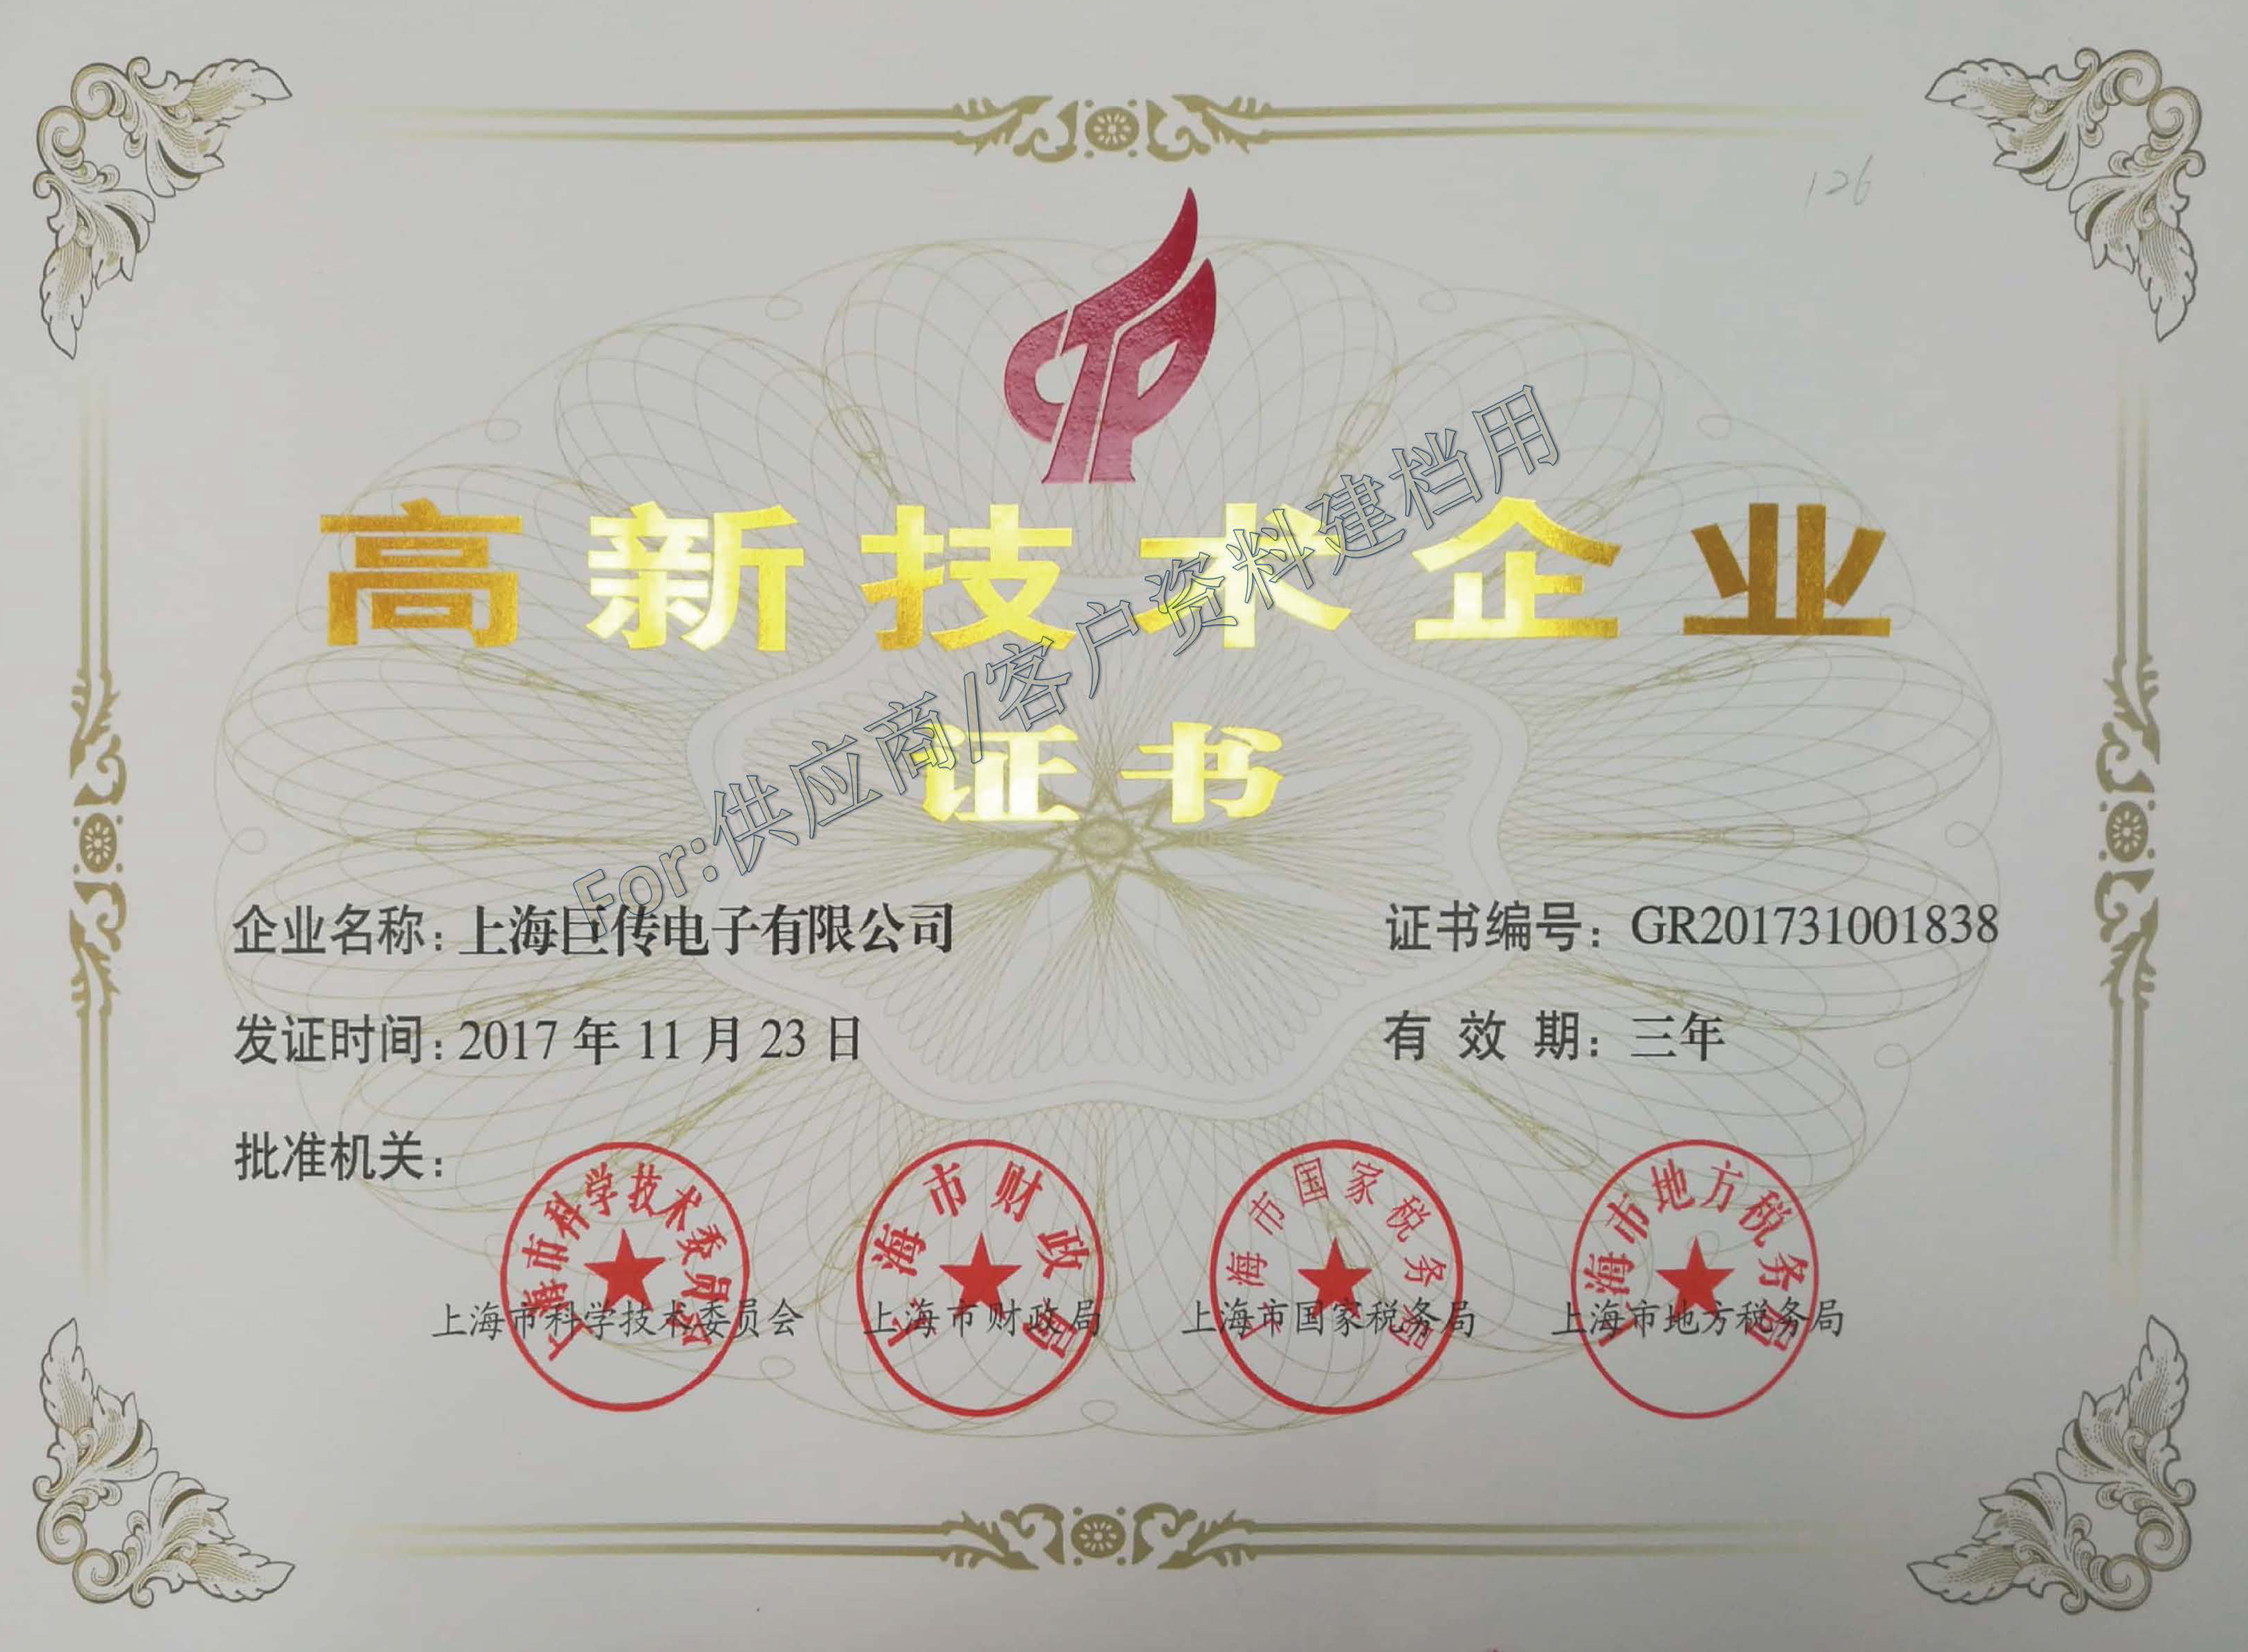 上海巨传电子荣获上海市高新技术企业证书认定